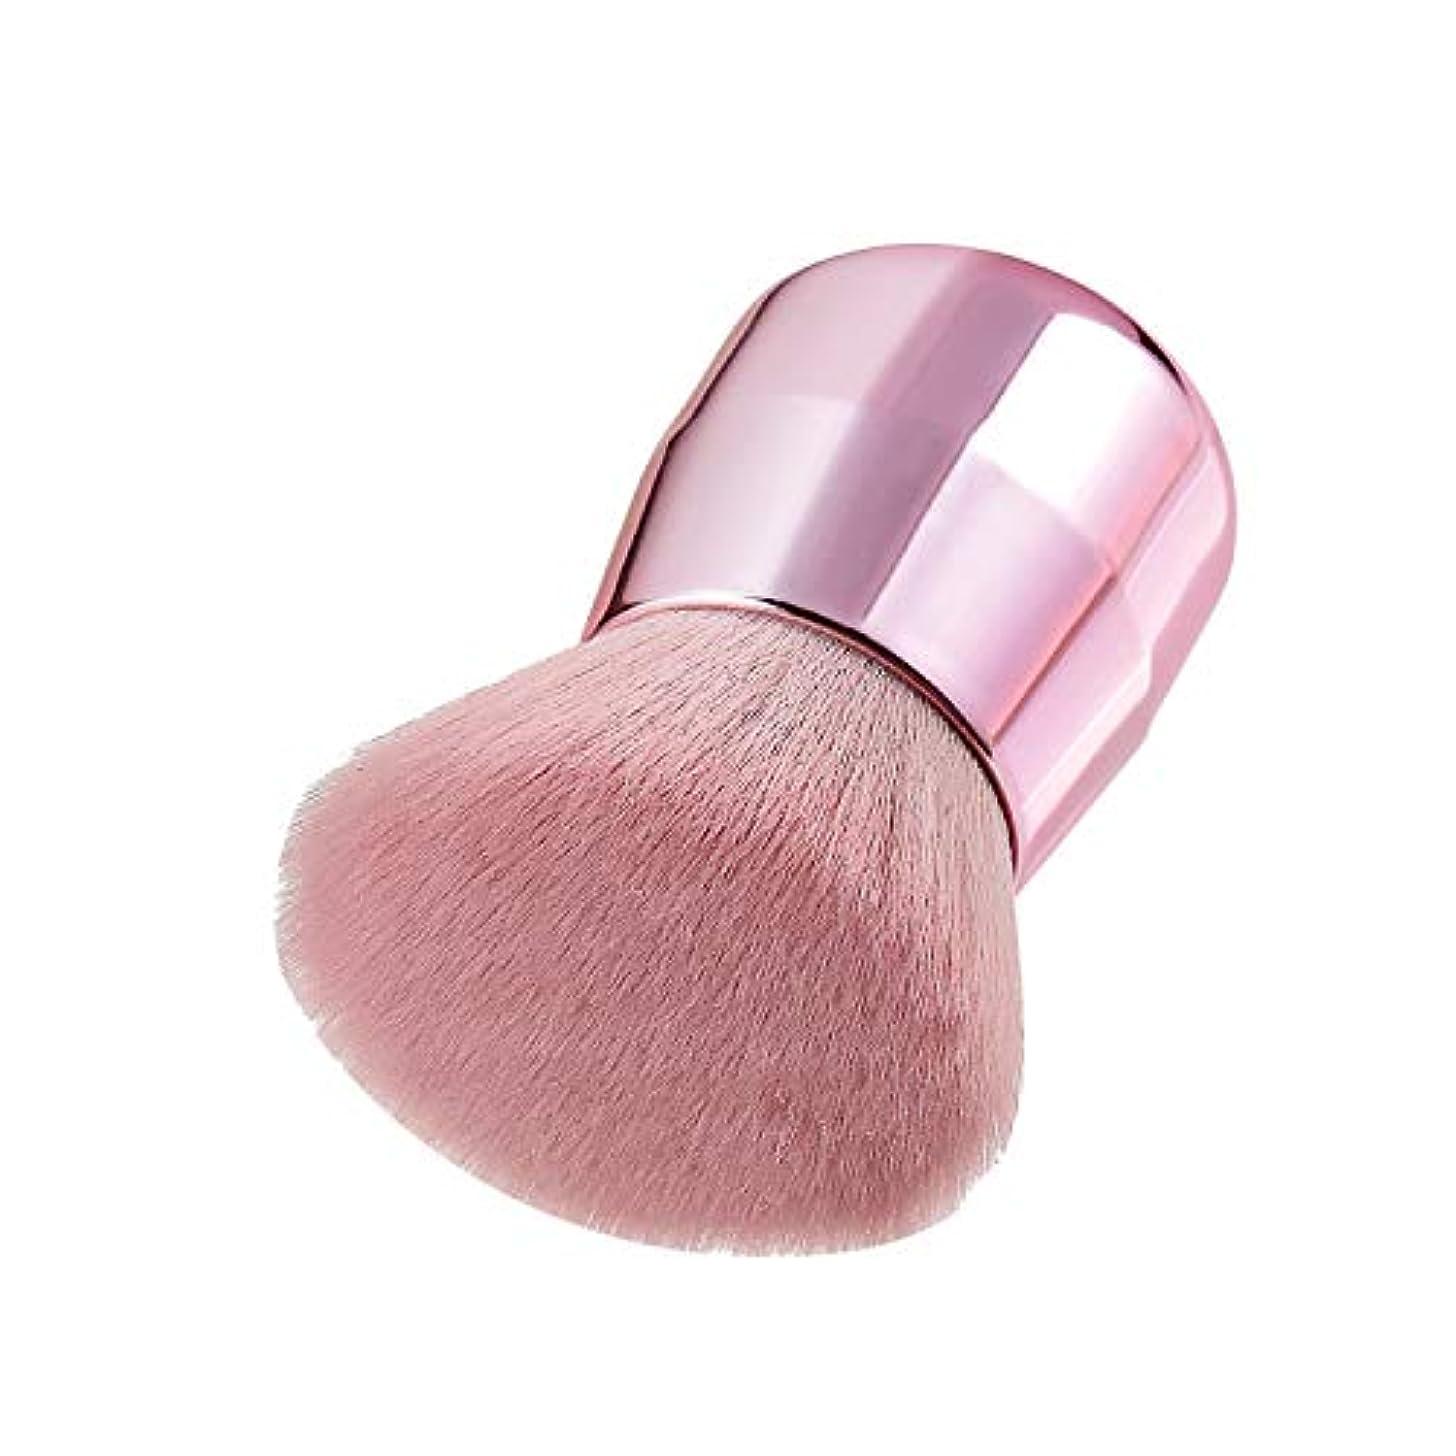 長方形余暇バーチャルMakeup brushes ピンクのティルティングパウダーブラシポータブル著名な化粧ブラシハニーパウダーブラシブラッシュブラシ suits (Color : Rose Gold)